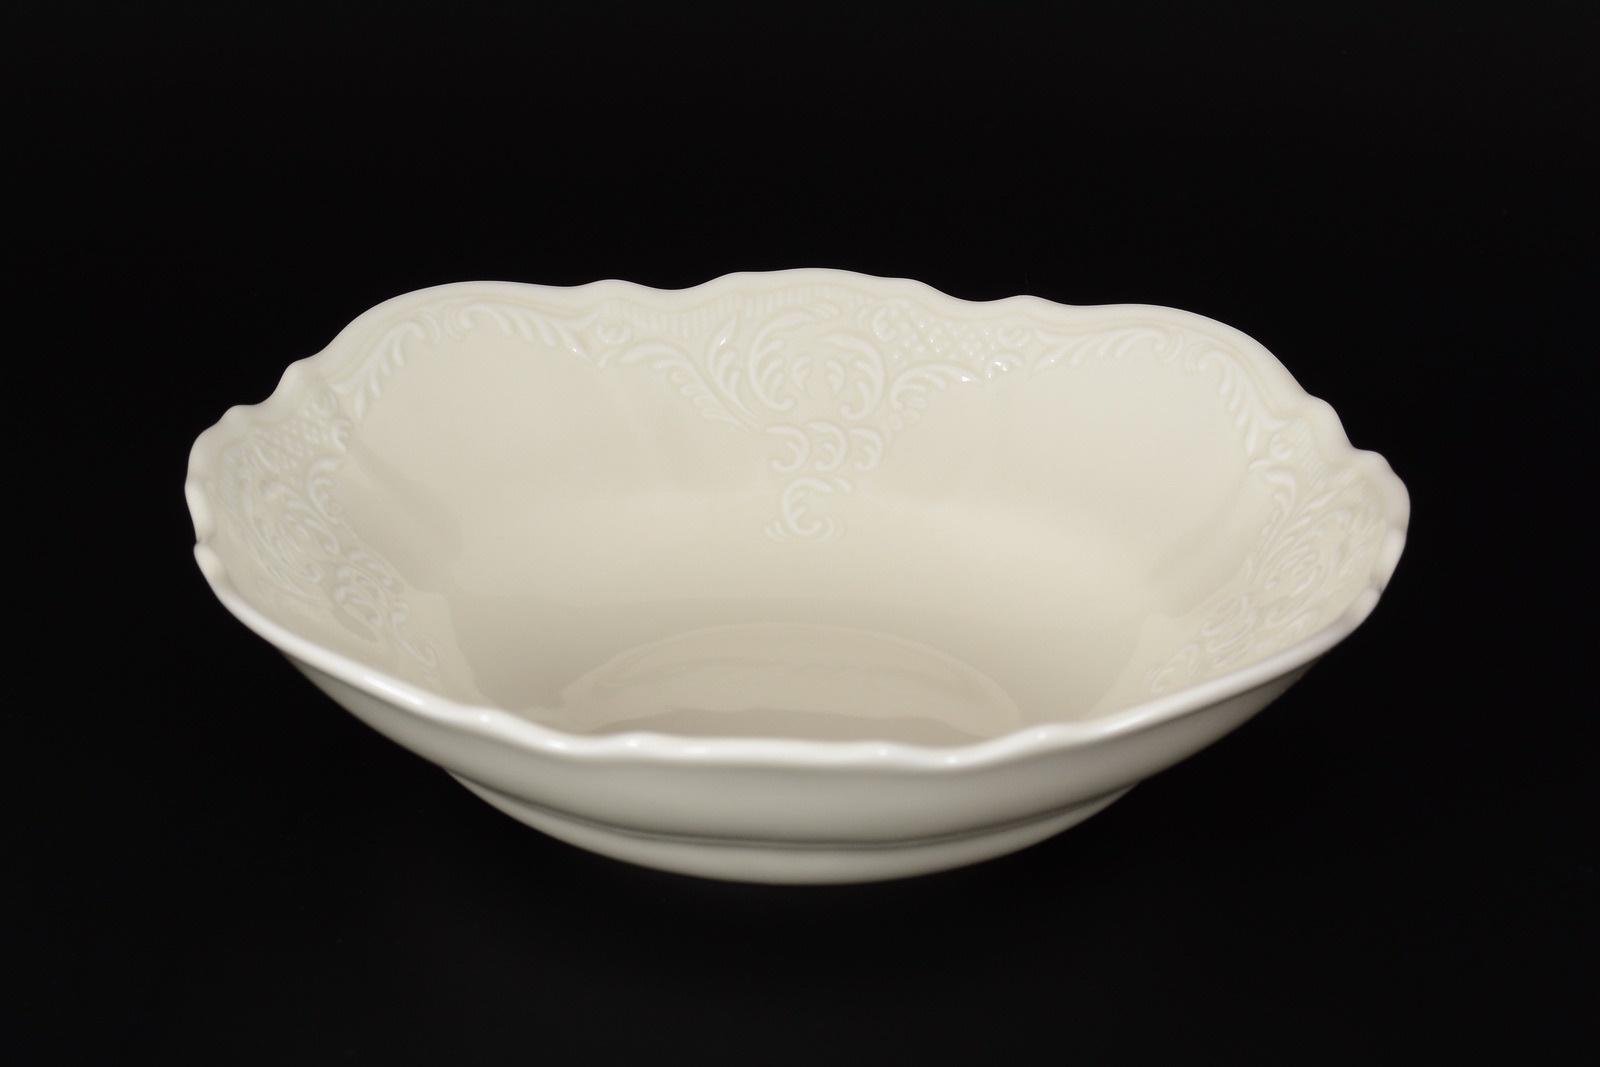 Набор салатников Bernadotte, 28915, белый, 19 см, 6 шт